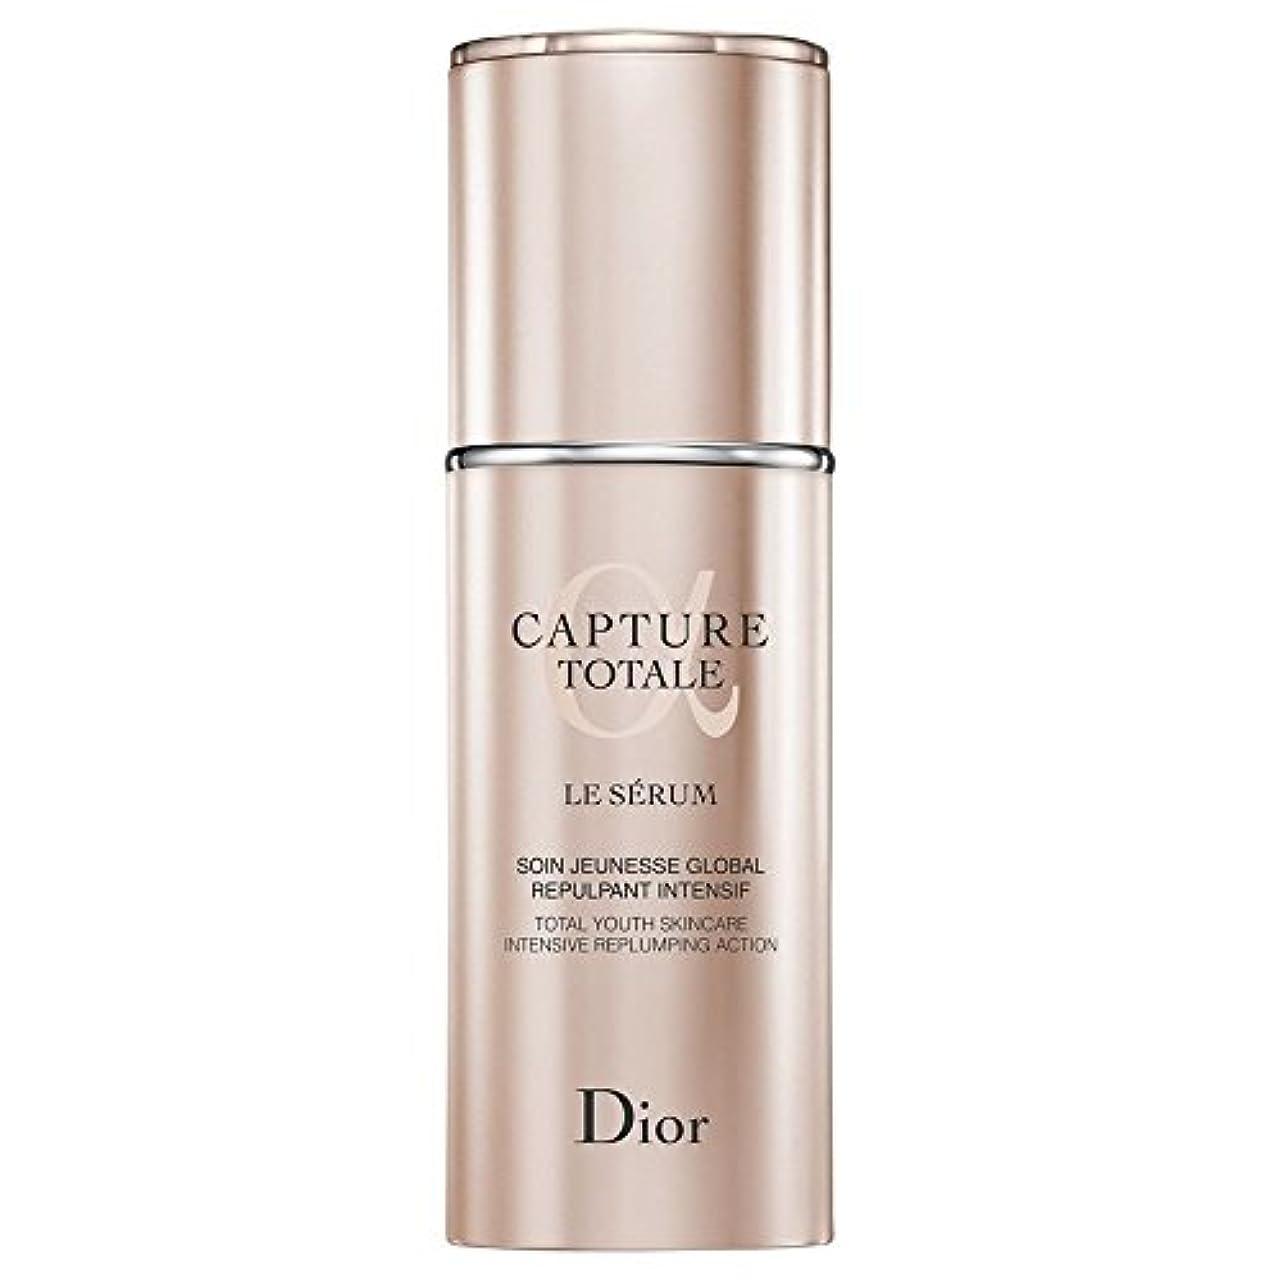 知性店員マトリックス[Dior] ディオールカプチュールR60ル血清30ミリリットル - Dior Capture Totale Le Serum 30ml [並行輸入品]